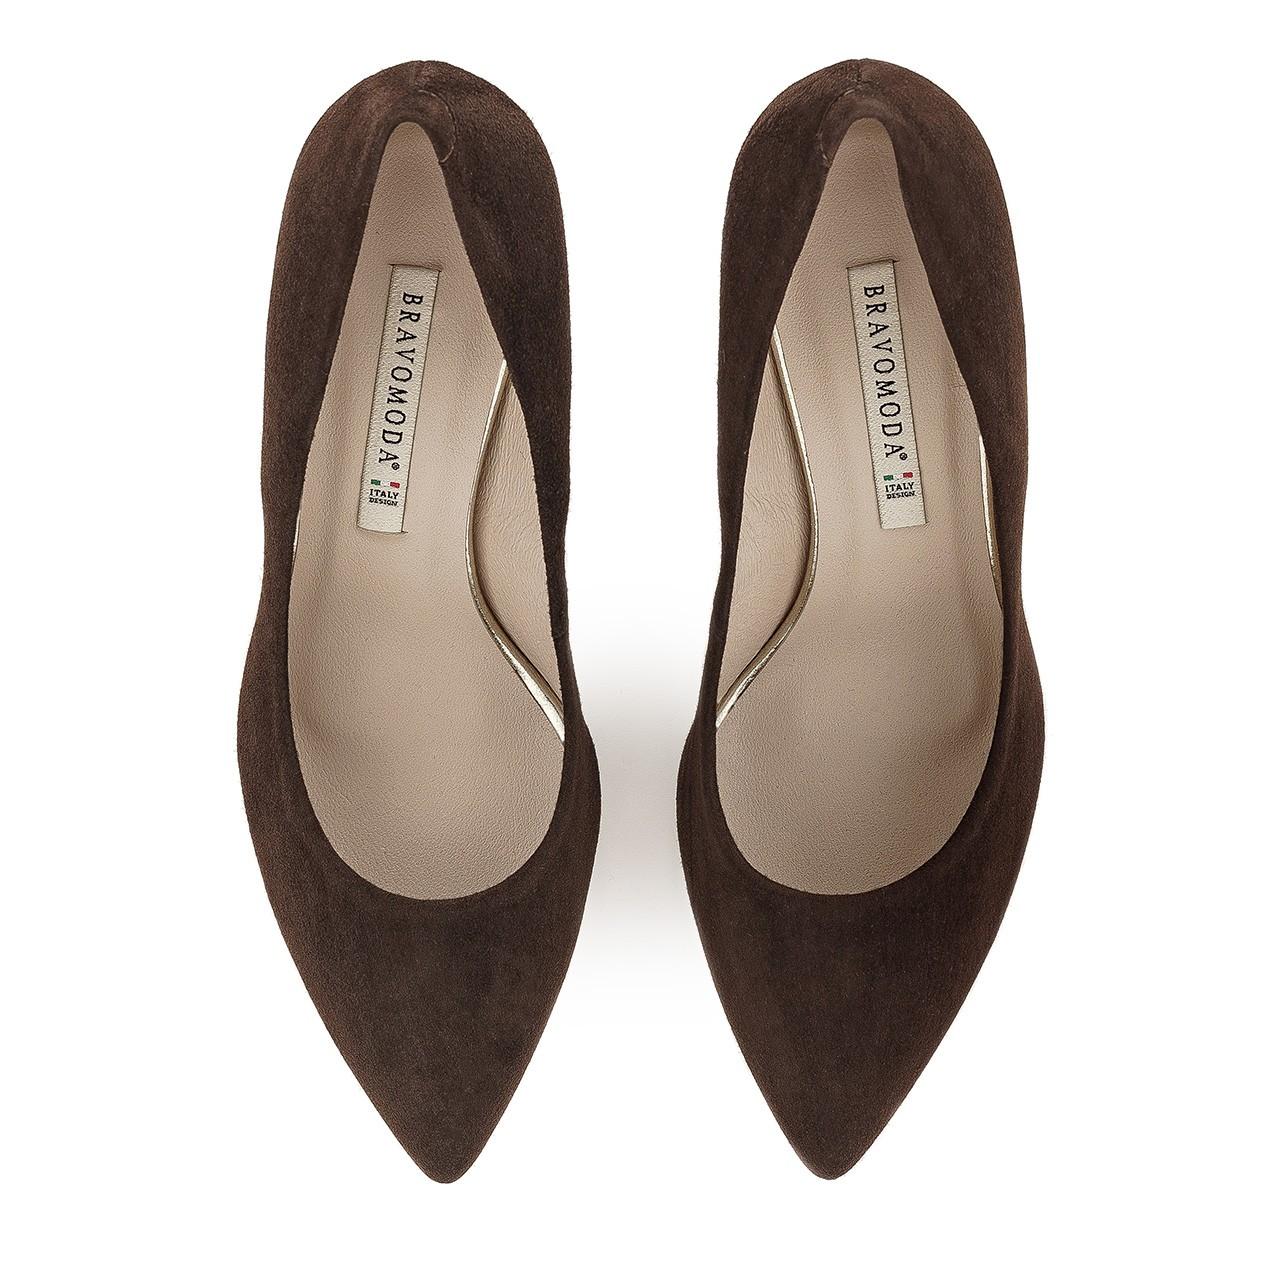 Ciemnobrązowe buty z naturalnej skóry zamszowej na stabilnym obcasie